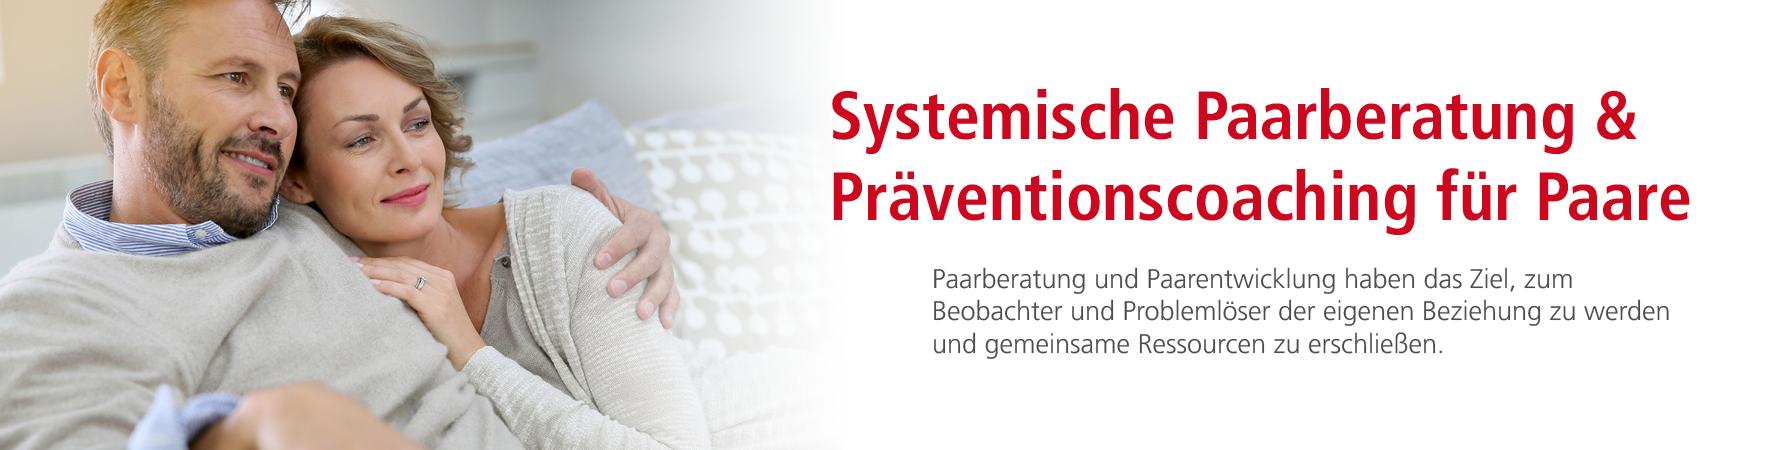 Slider_Sonnenstrahl_Training_V2_6